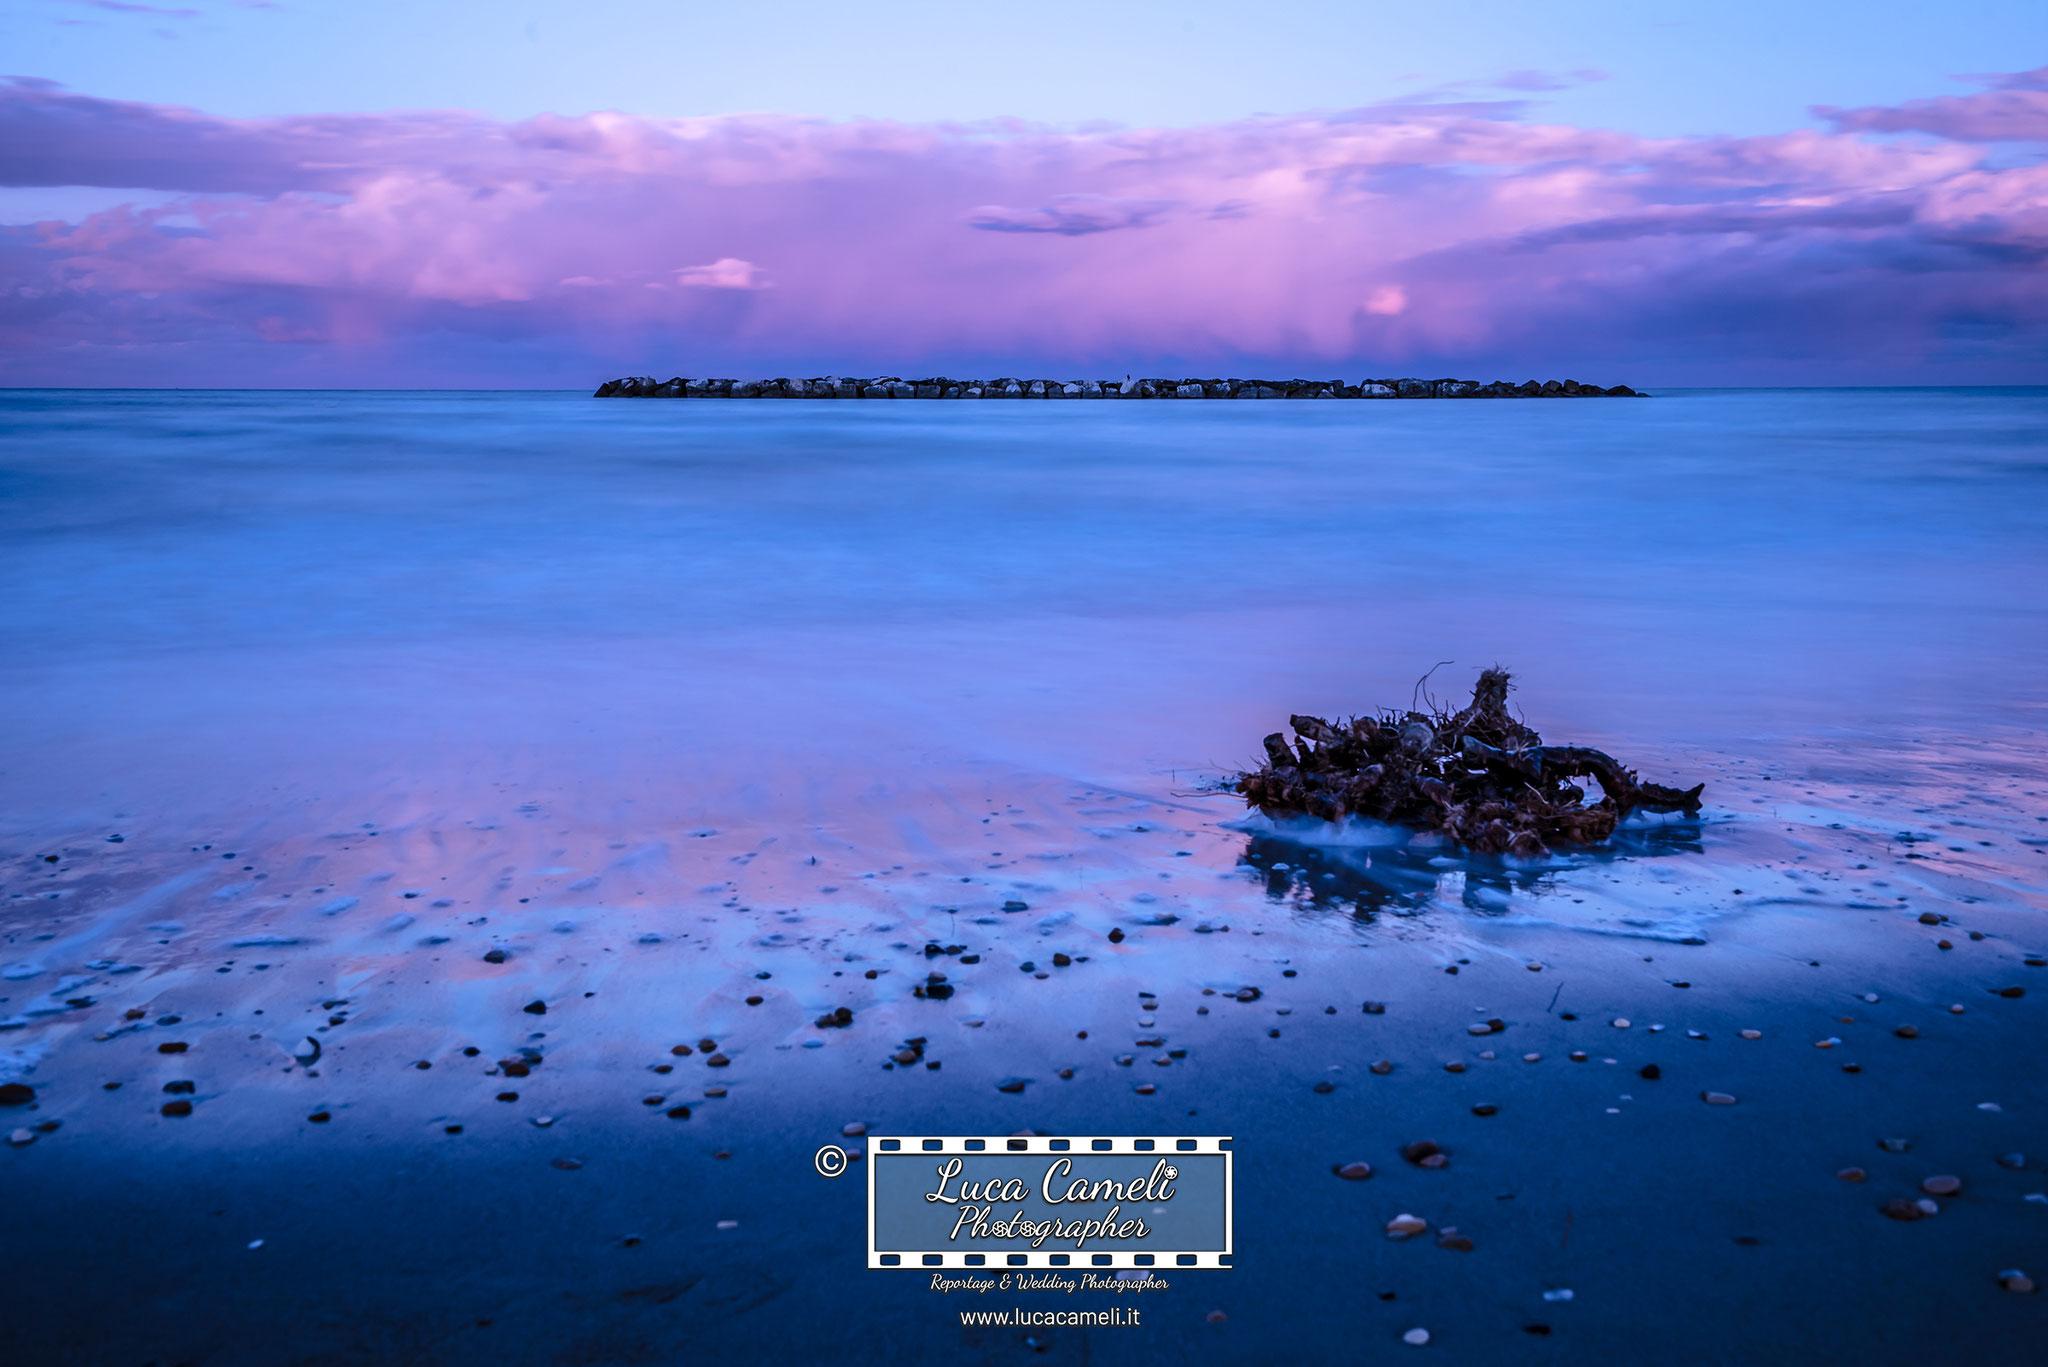 """Giornata mondiale degli oceani, 8 giugno. """"Oltre l'orizzonte"""". © Luca Cameli Photographer"""